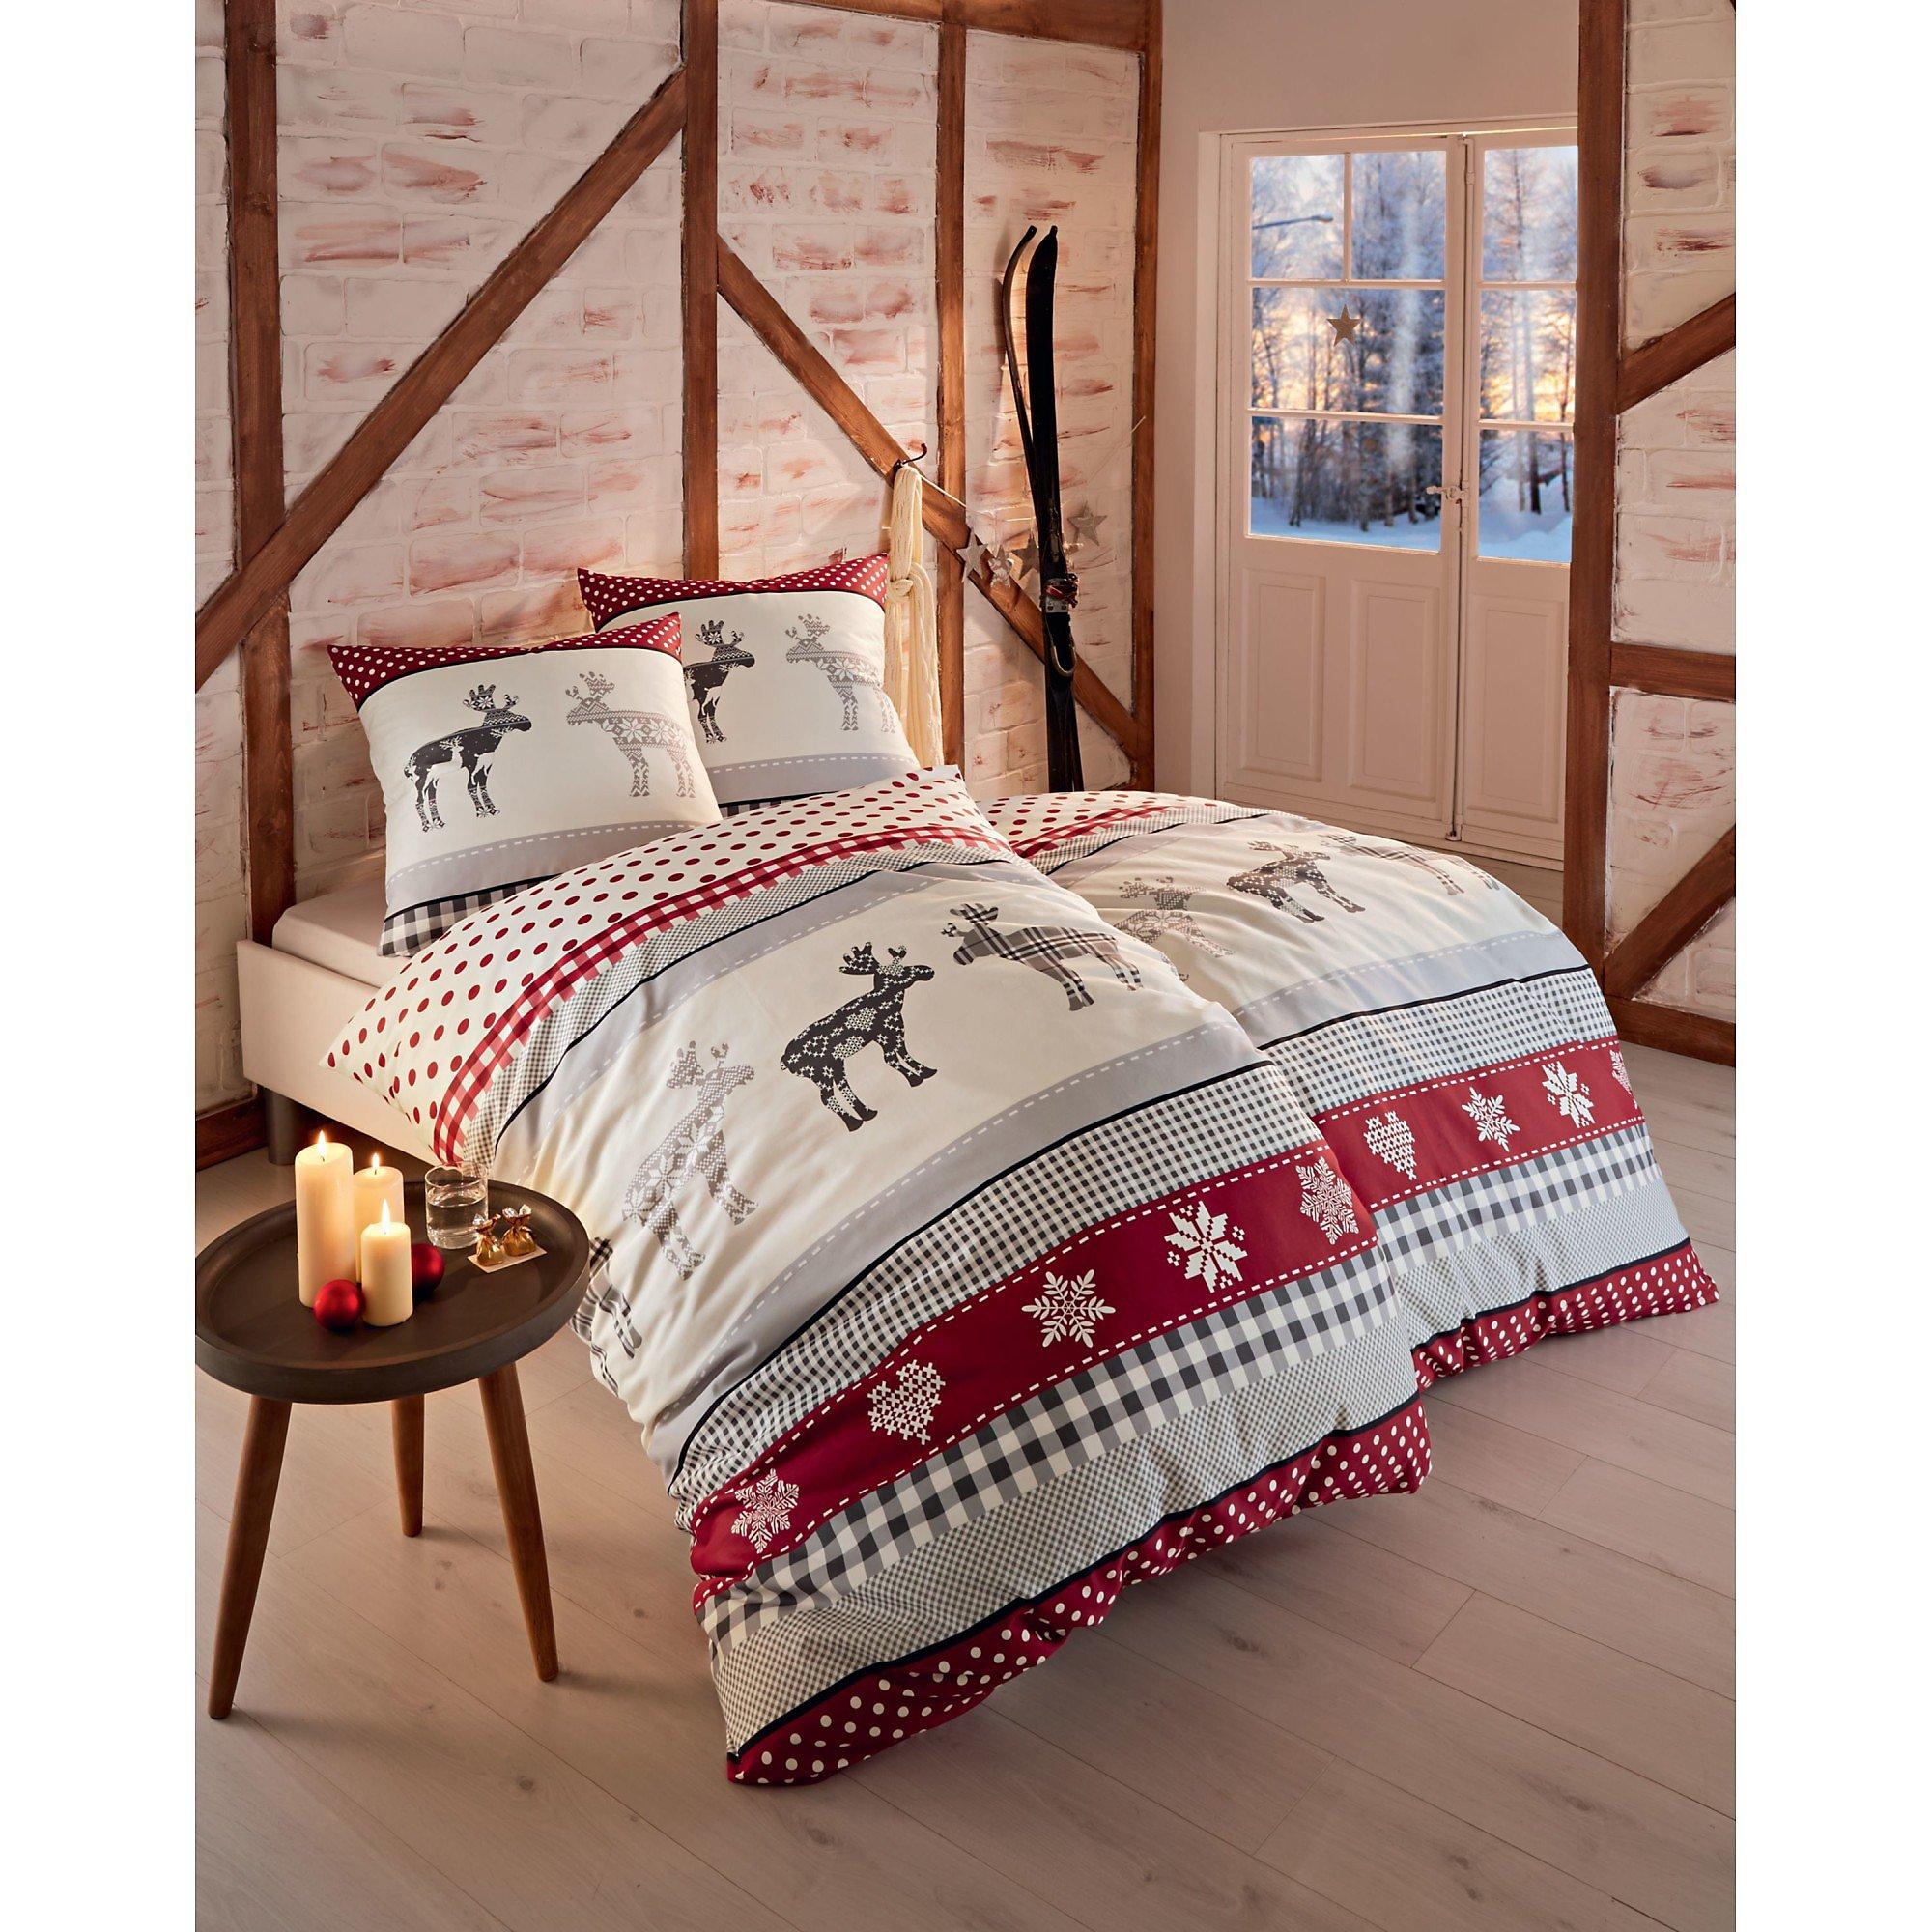 Bettwasche Winterdream Rot Grau 135 X 200 Cm Weltbild De